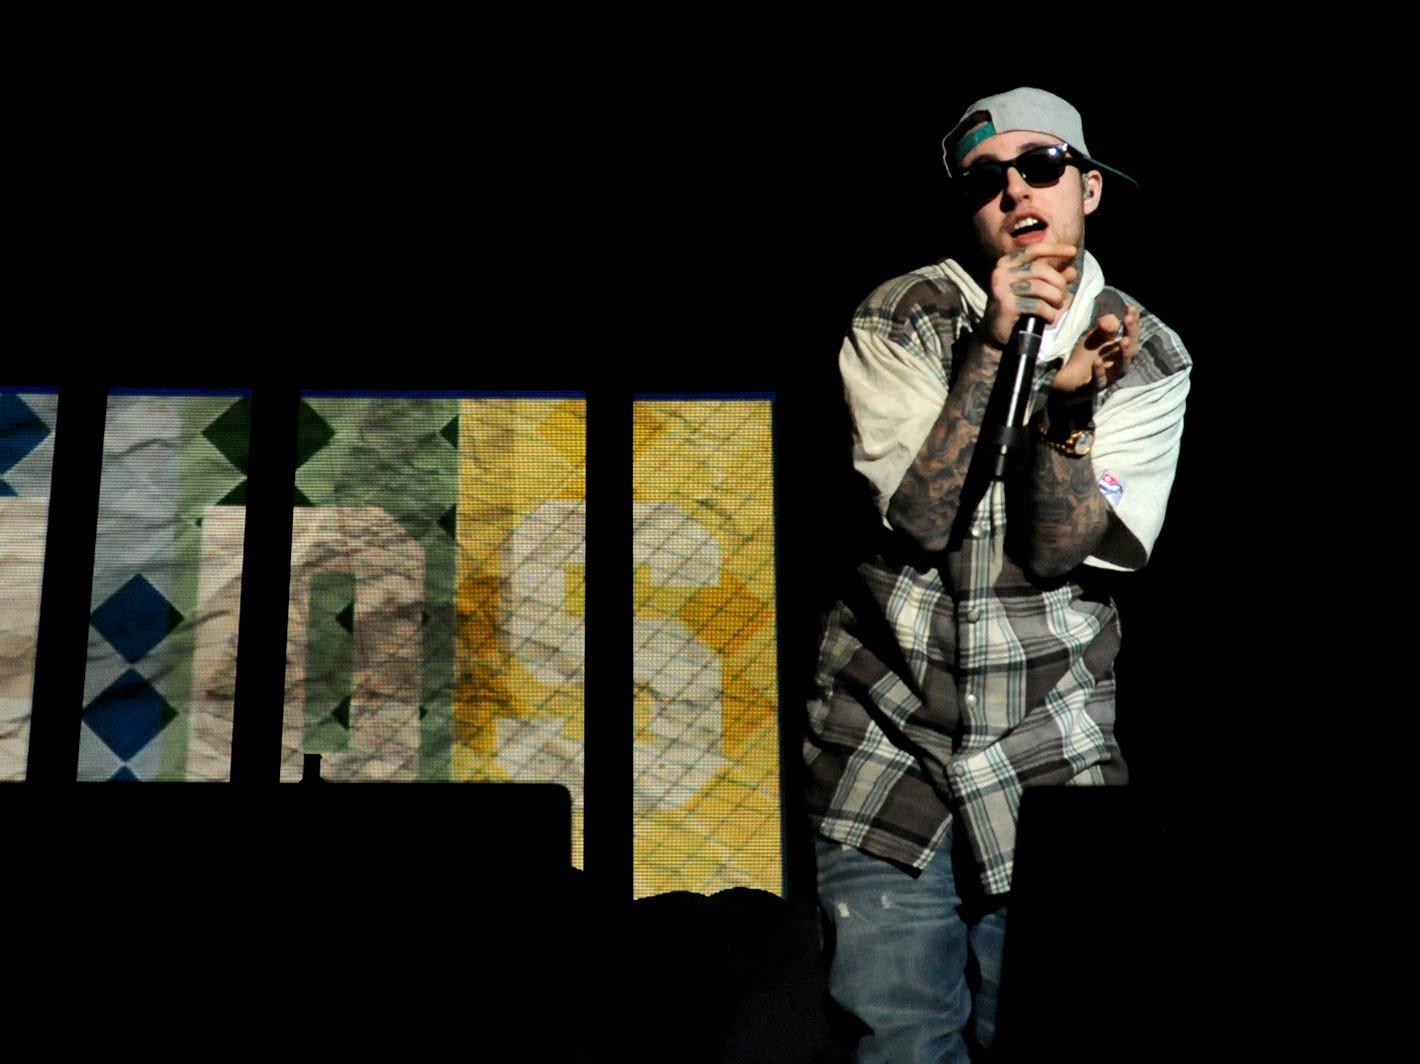 Hip-hop star Mac Miller performs at Brown County Veterans Memorial Arena on April 10, 2012.